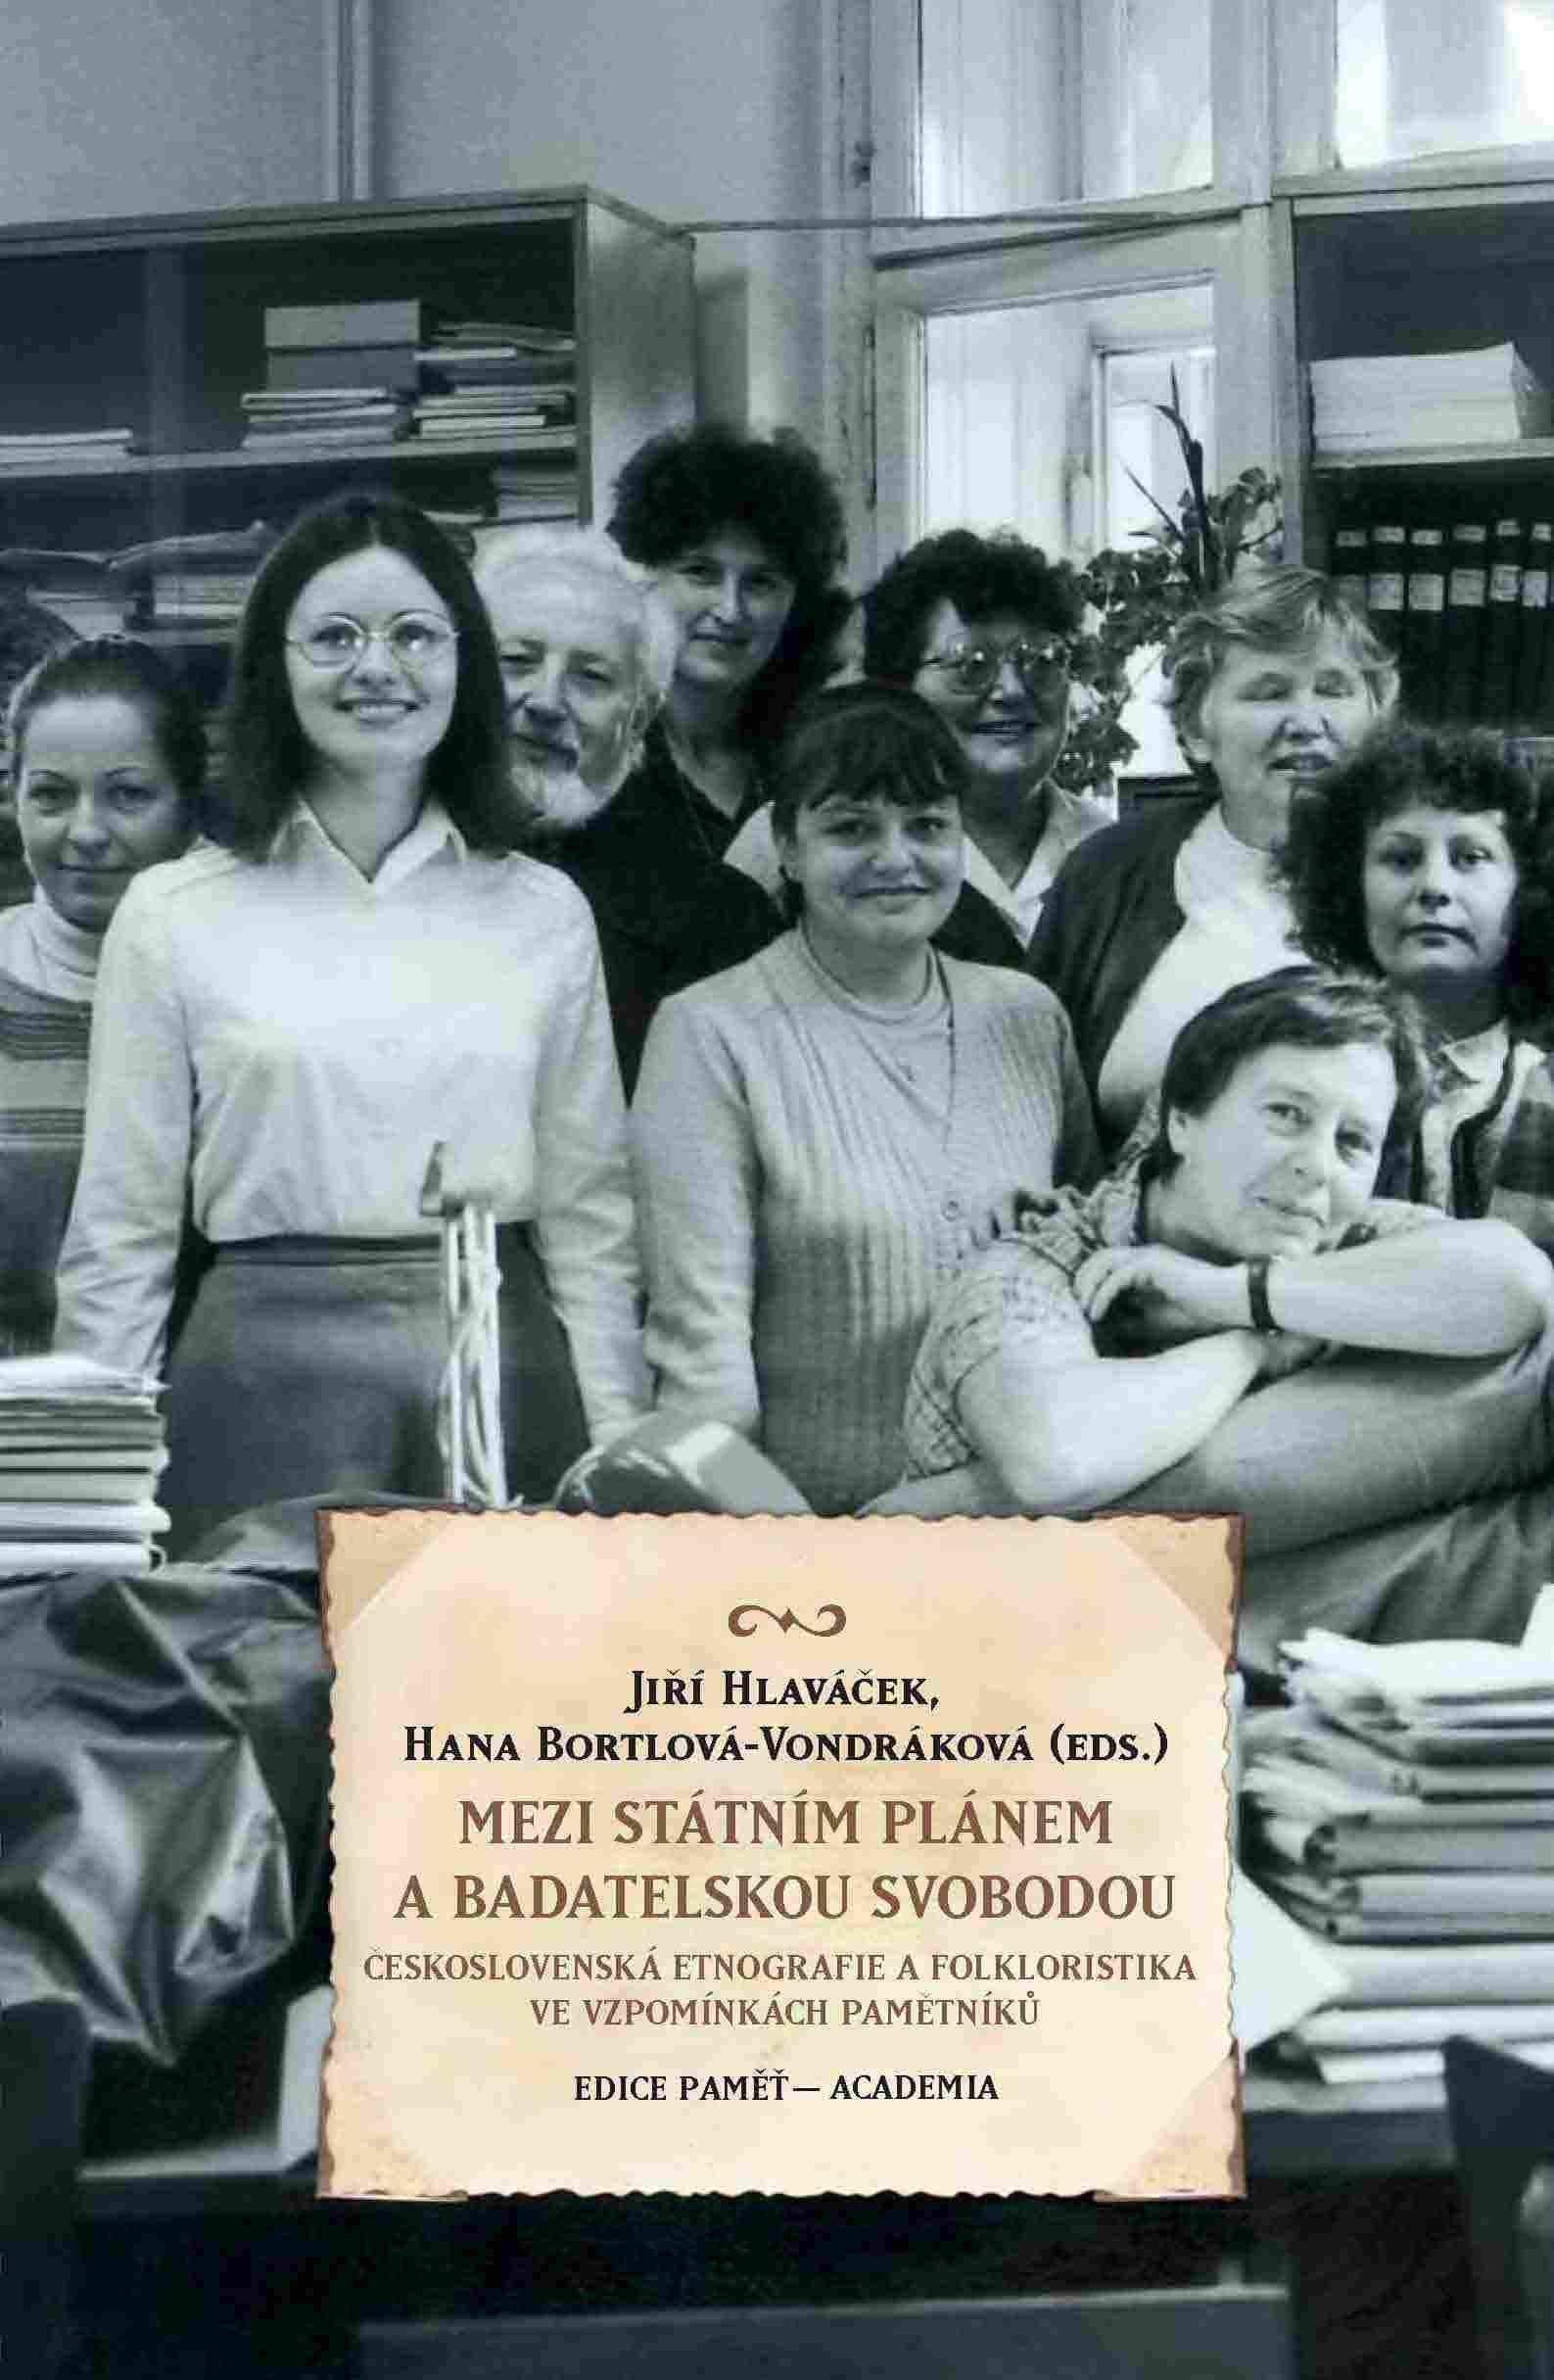 Jiří HLAVÁČEK, Hana VONDRÁKOVÁ-BORTLOVÁ (eds.): Mezi státním plánem a badatelskou svobodou. Československá etnografie a folkloristika ve vzpomínkách pamětníků